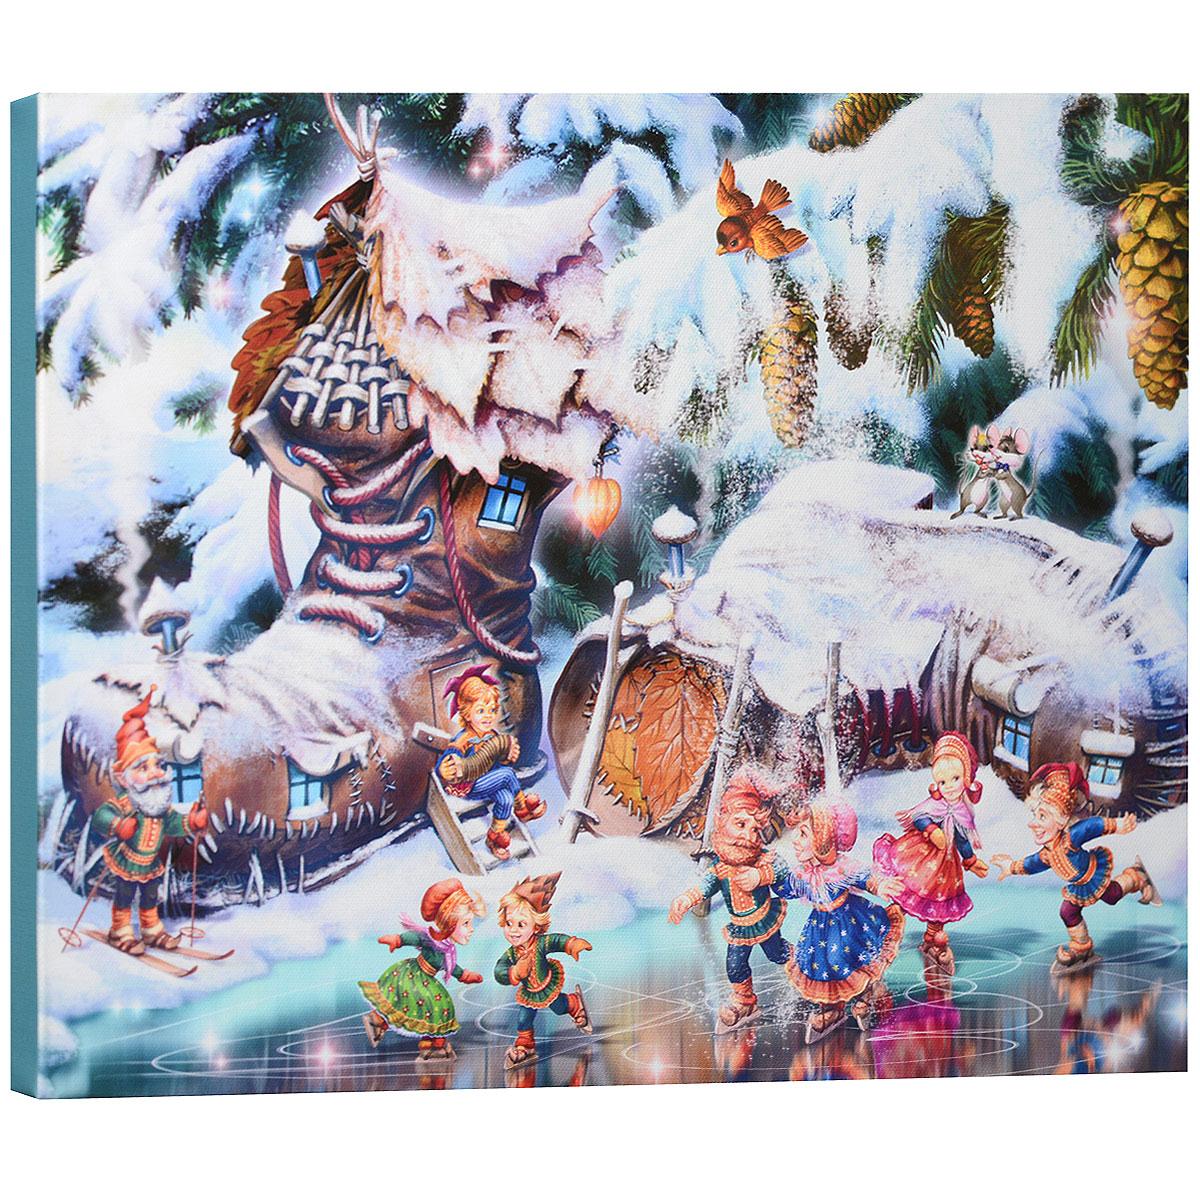 КвикДекор Картина на холсте Гномы, 40 см х 30 смRG-D31SКартина на холсте КвикДекор Гномы автора Зорина Балдеску дополнит обстановку интерьера яркими красками и необычным оформлением. Изделие представляет собой картину с латексной печатью на натуральном хлопчатобумажном холсте. Галерейная натяжка холста на подрамники выполнена очень аккуратно, а боковые части картины запечатаны тоновой заливкой. Обратная сторона подрамника содержит отверстие, благодаря которому картину можно легко закрепить на стене и подкорректировать ее положение.Автор картины специализируется на создании восхитительных сказочных образов - русалок, принцесс, фей, единорогов и многих других. Сказки, иллюстрированные Зориной, - особый, волшебный и очаровательный мир, подаренный нам художницей посредством ее искусства и неисчерпаемой фантазии.Картина Гномы отлично подойдет к интерьеру не только детской комнаты, но и гостиной.Картина поставляется в стрейч-пленке с защитными картонными уголками, упакована в гофрокоробку с термоусадкой.